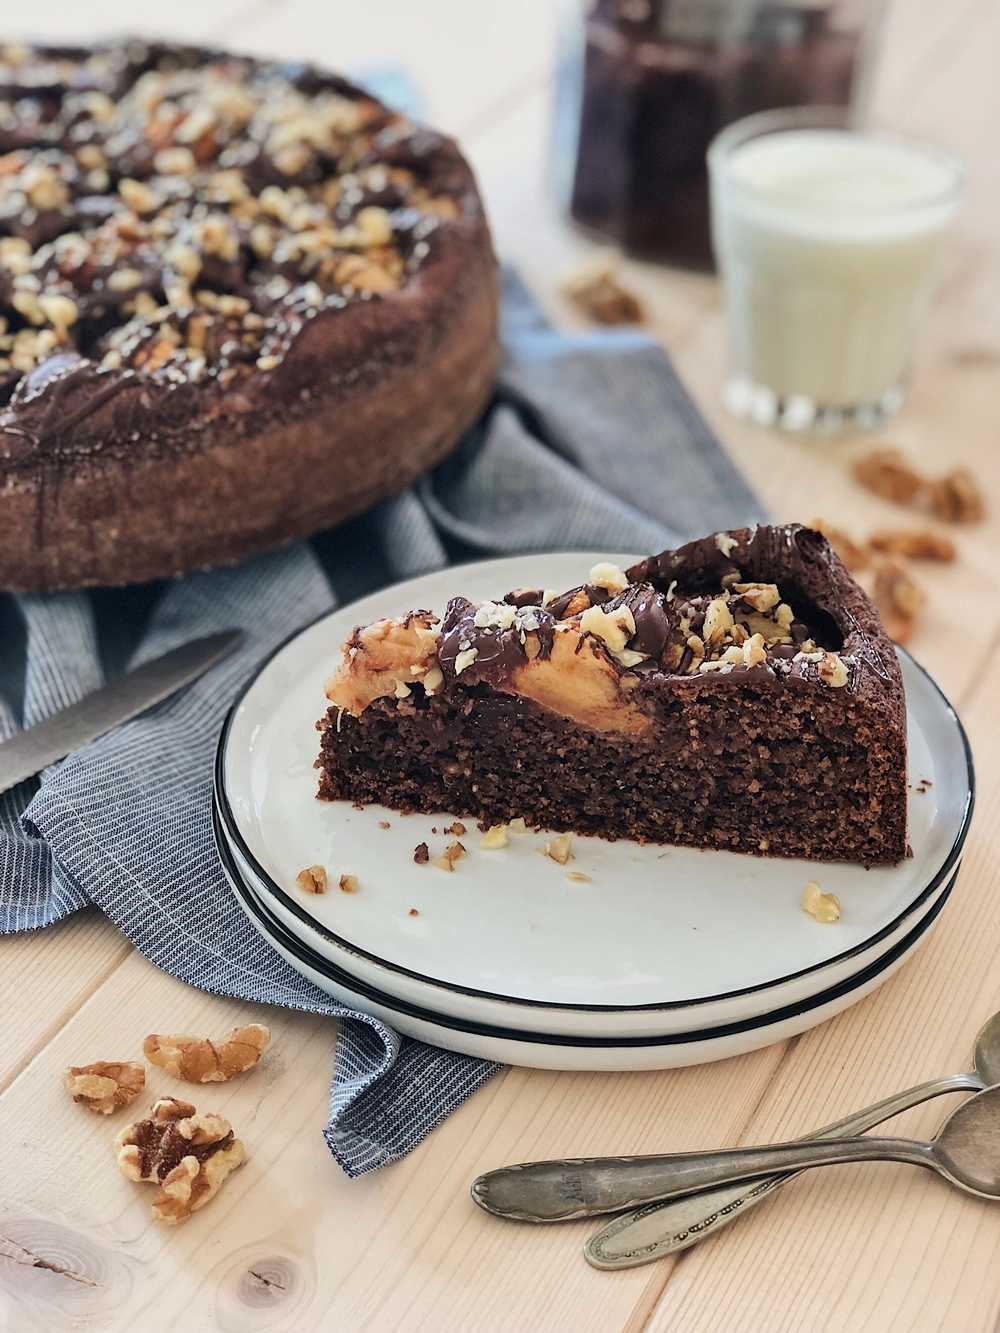 Apfel-Nuss Kuchen mit Nutella-Glasur & Walnüssen